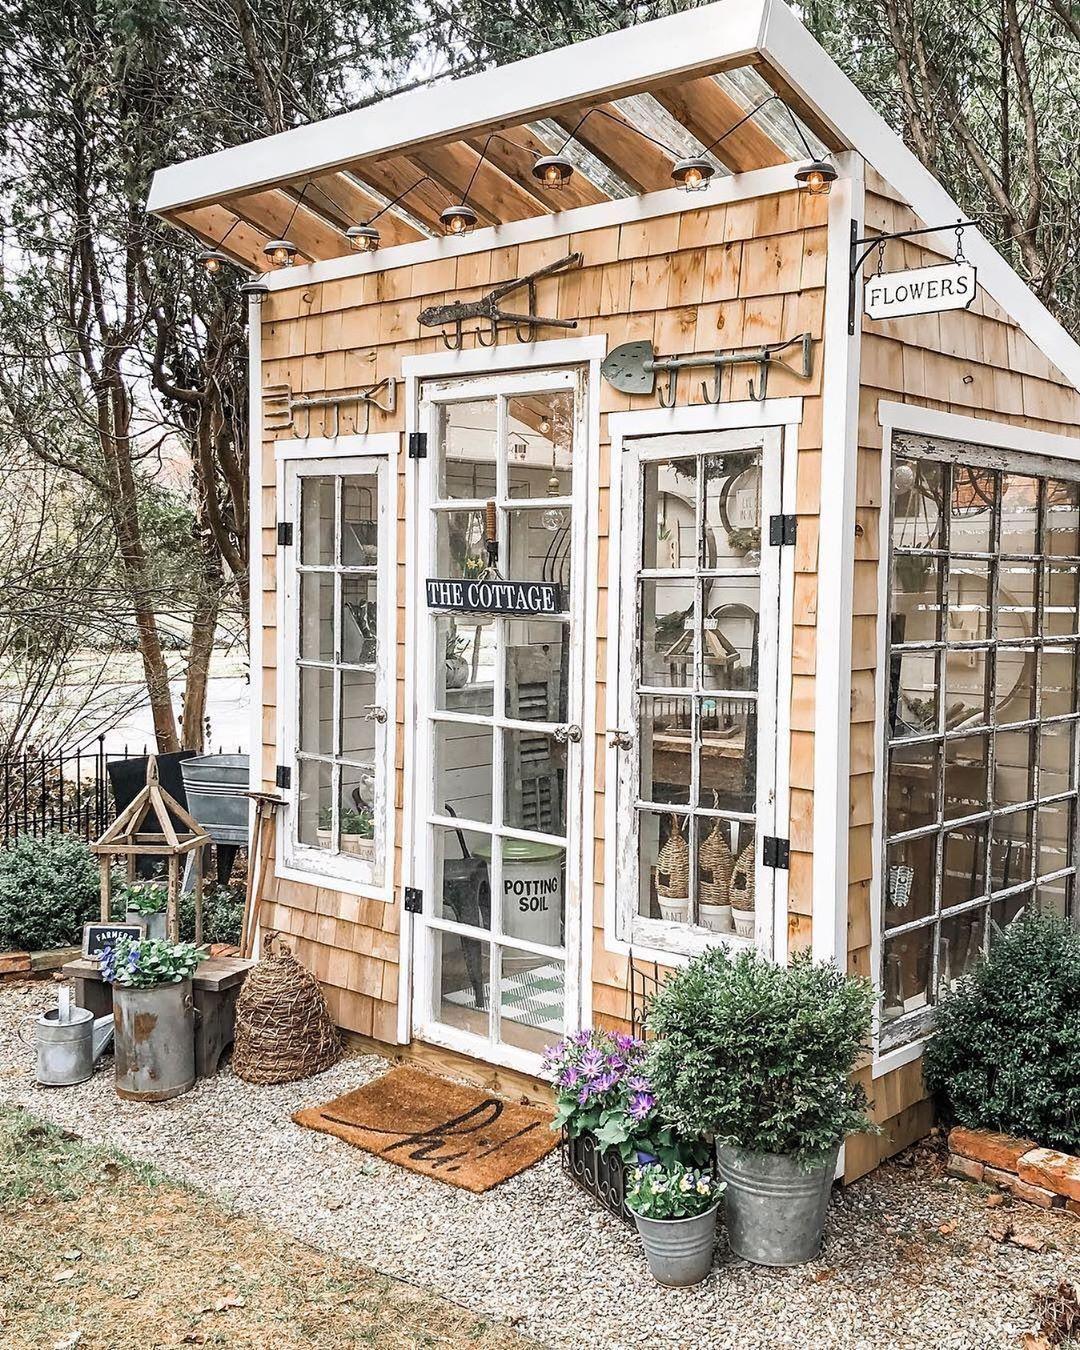 Photo of CountryHomeMagazine sur Instagram: «Il y a quelque chose dans un petit cabanon pittoresque qui nous attire à chaque fois 🥰 Photo: @cottageandbloom #mycountryhome # springgardening…»